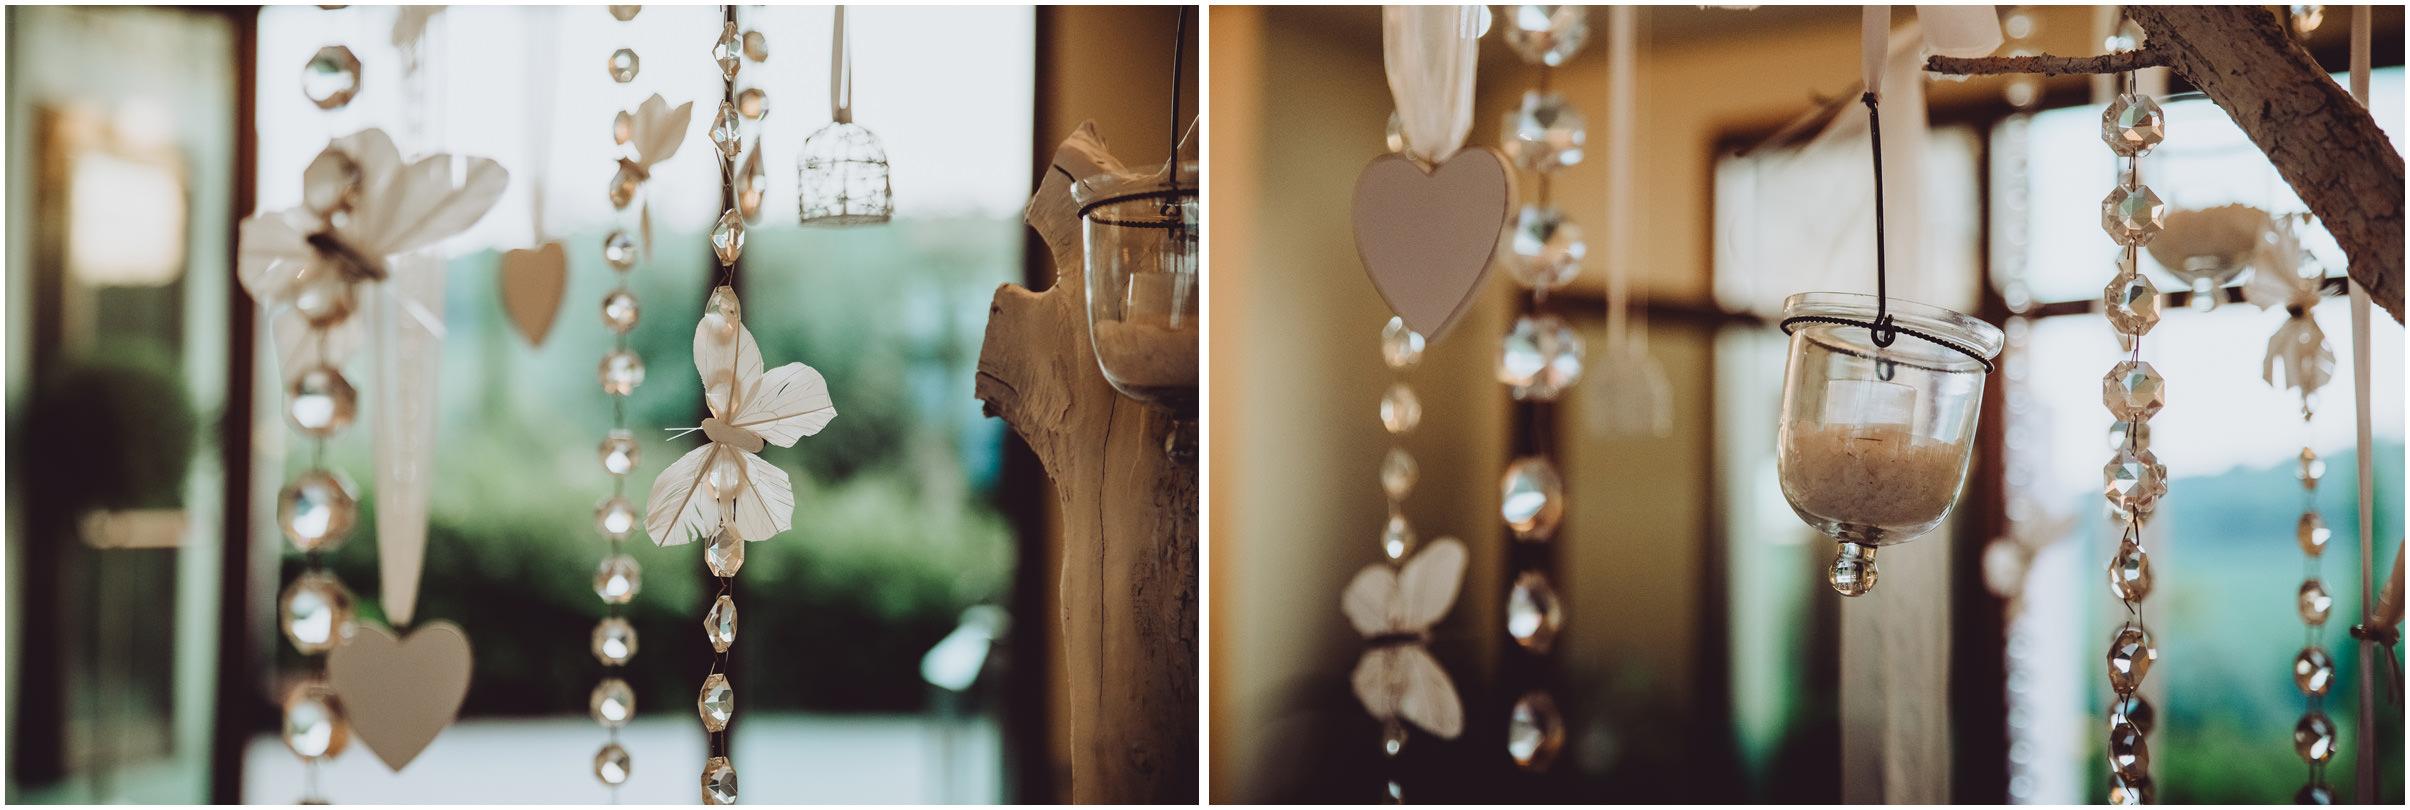 WEDDING-PHOTOGRAPHY-SARA-LORENZONI-FOTOGRAFIA-MATRIMONIO-AREZZO-TUSCANY-EVENTO-LE-SPOSE-DI-GIANNI-ELISA-LUCA052